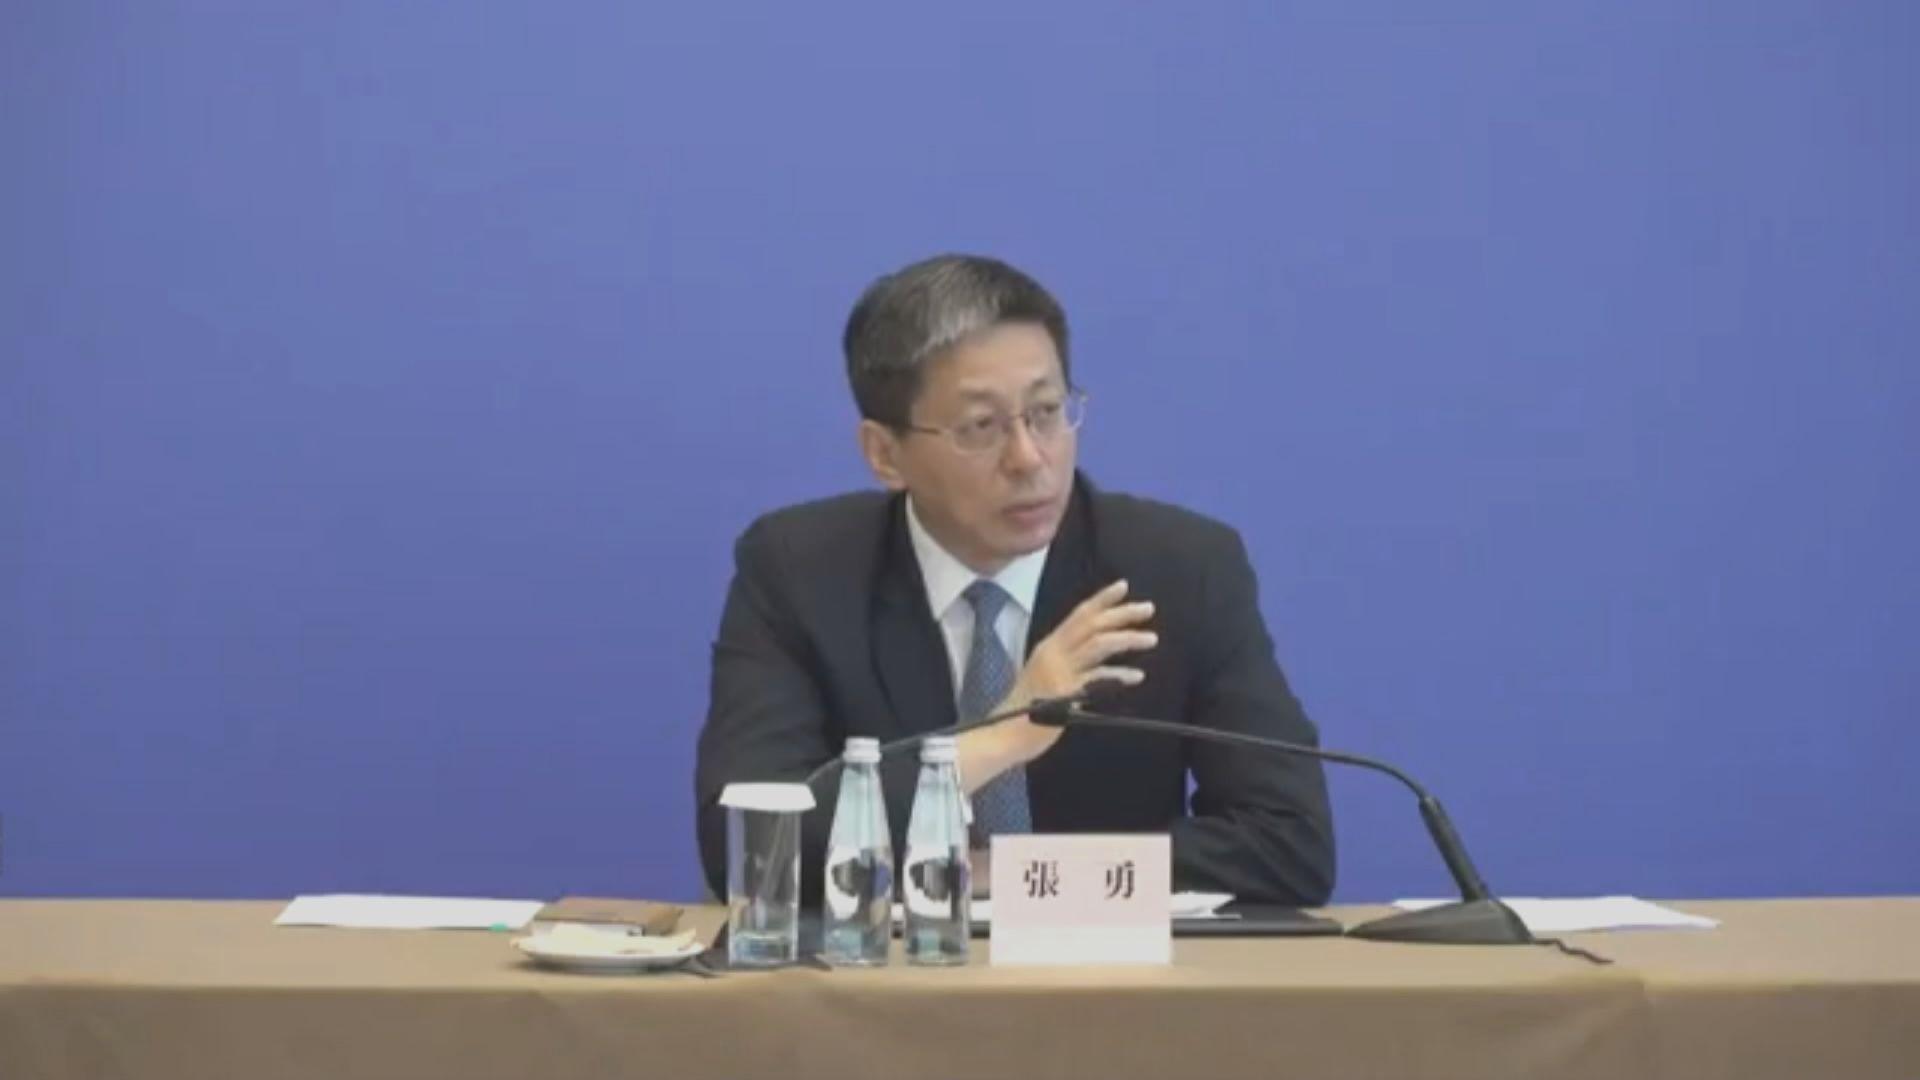 張勇:改革選舉為提高港管治效能 行政立法應理性制衡